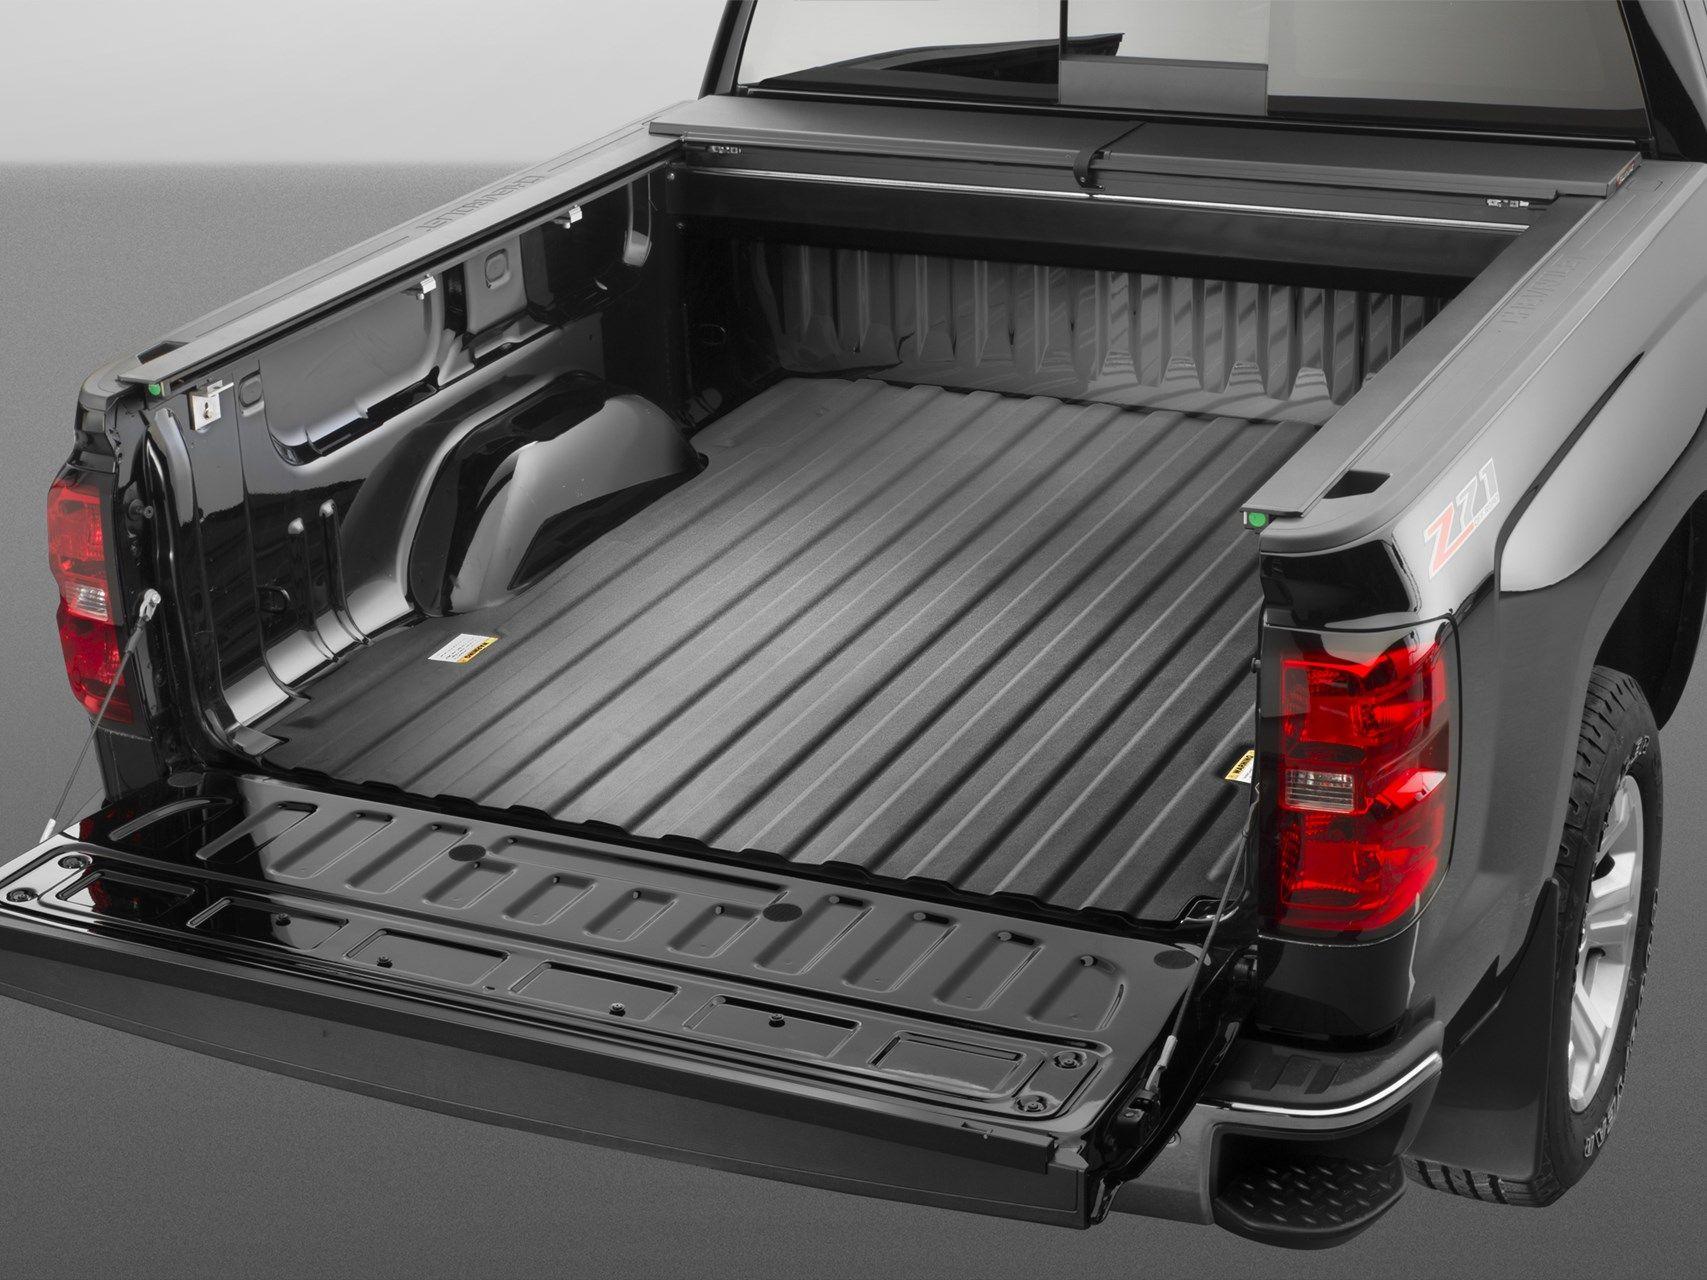 UnderLiner® Bed Liner Pickup trucks, Jeep pickup truck